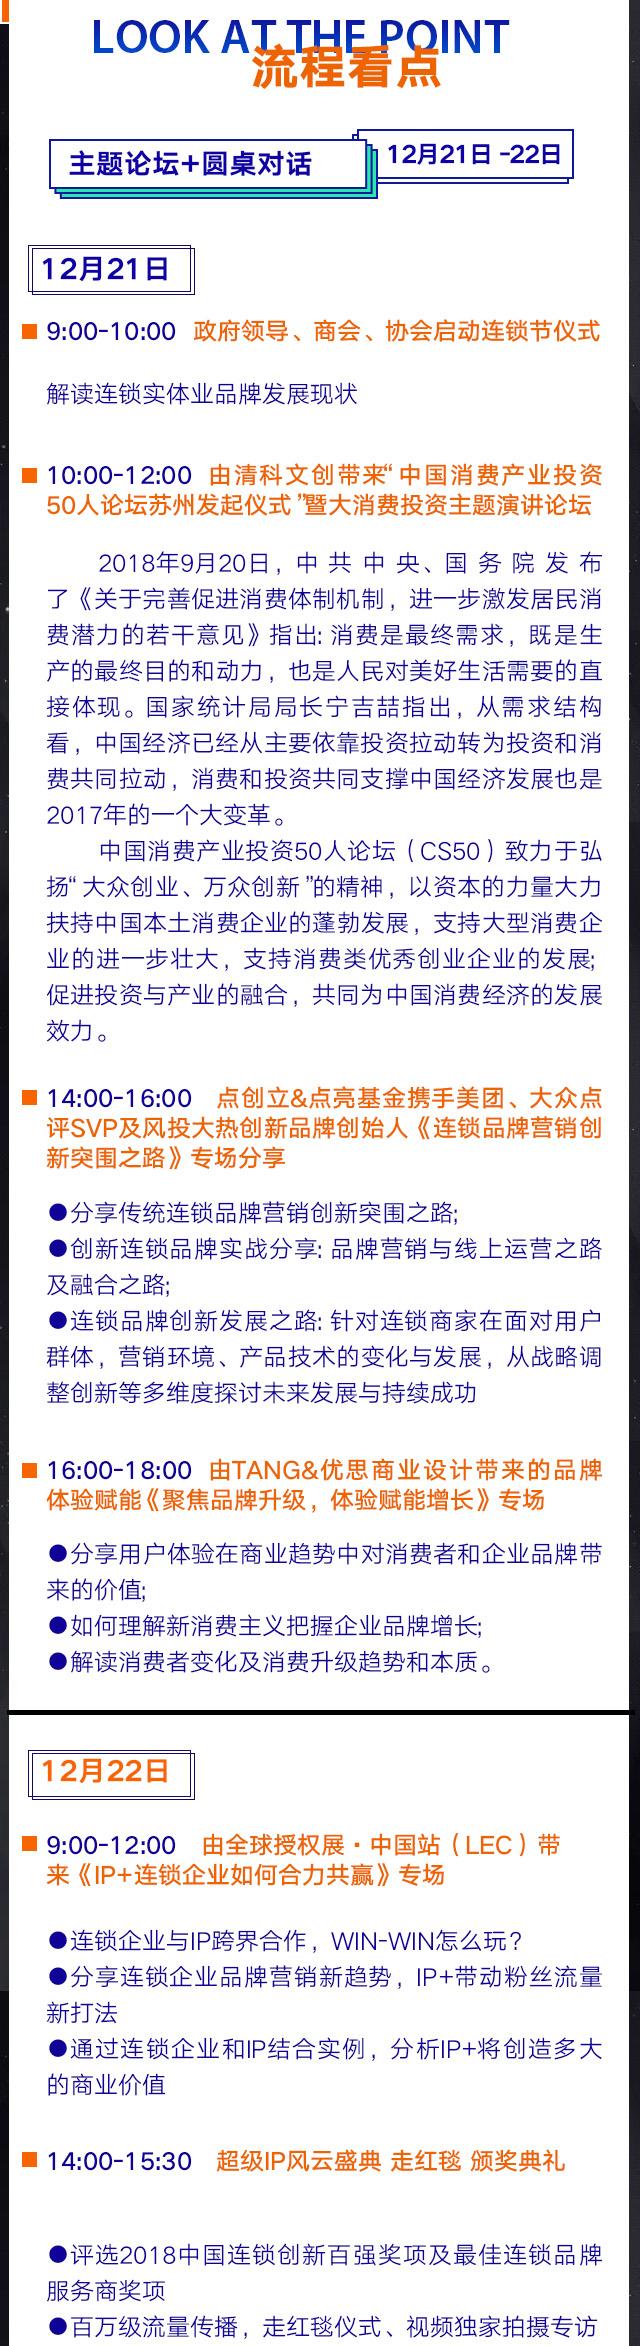 2018第二届中国连锁节总论坛-超级IP定义全球竞争力